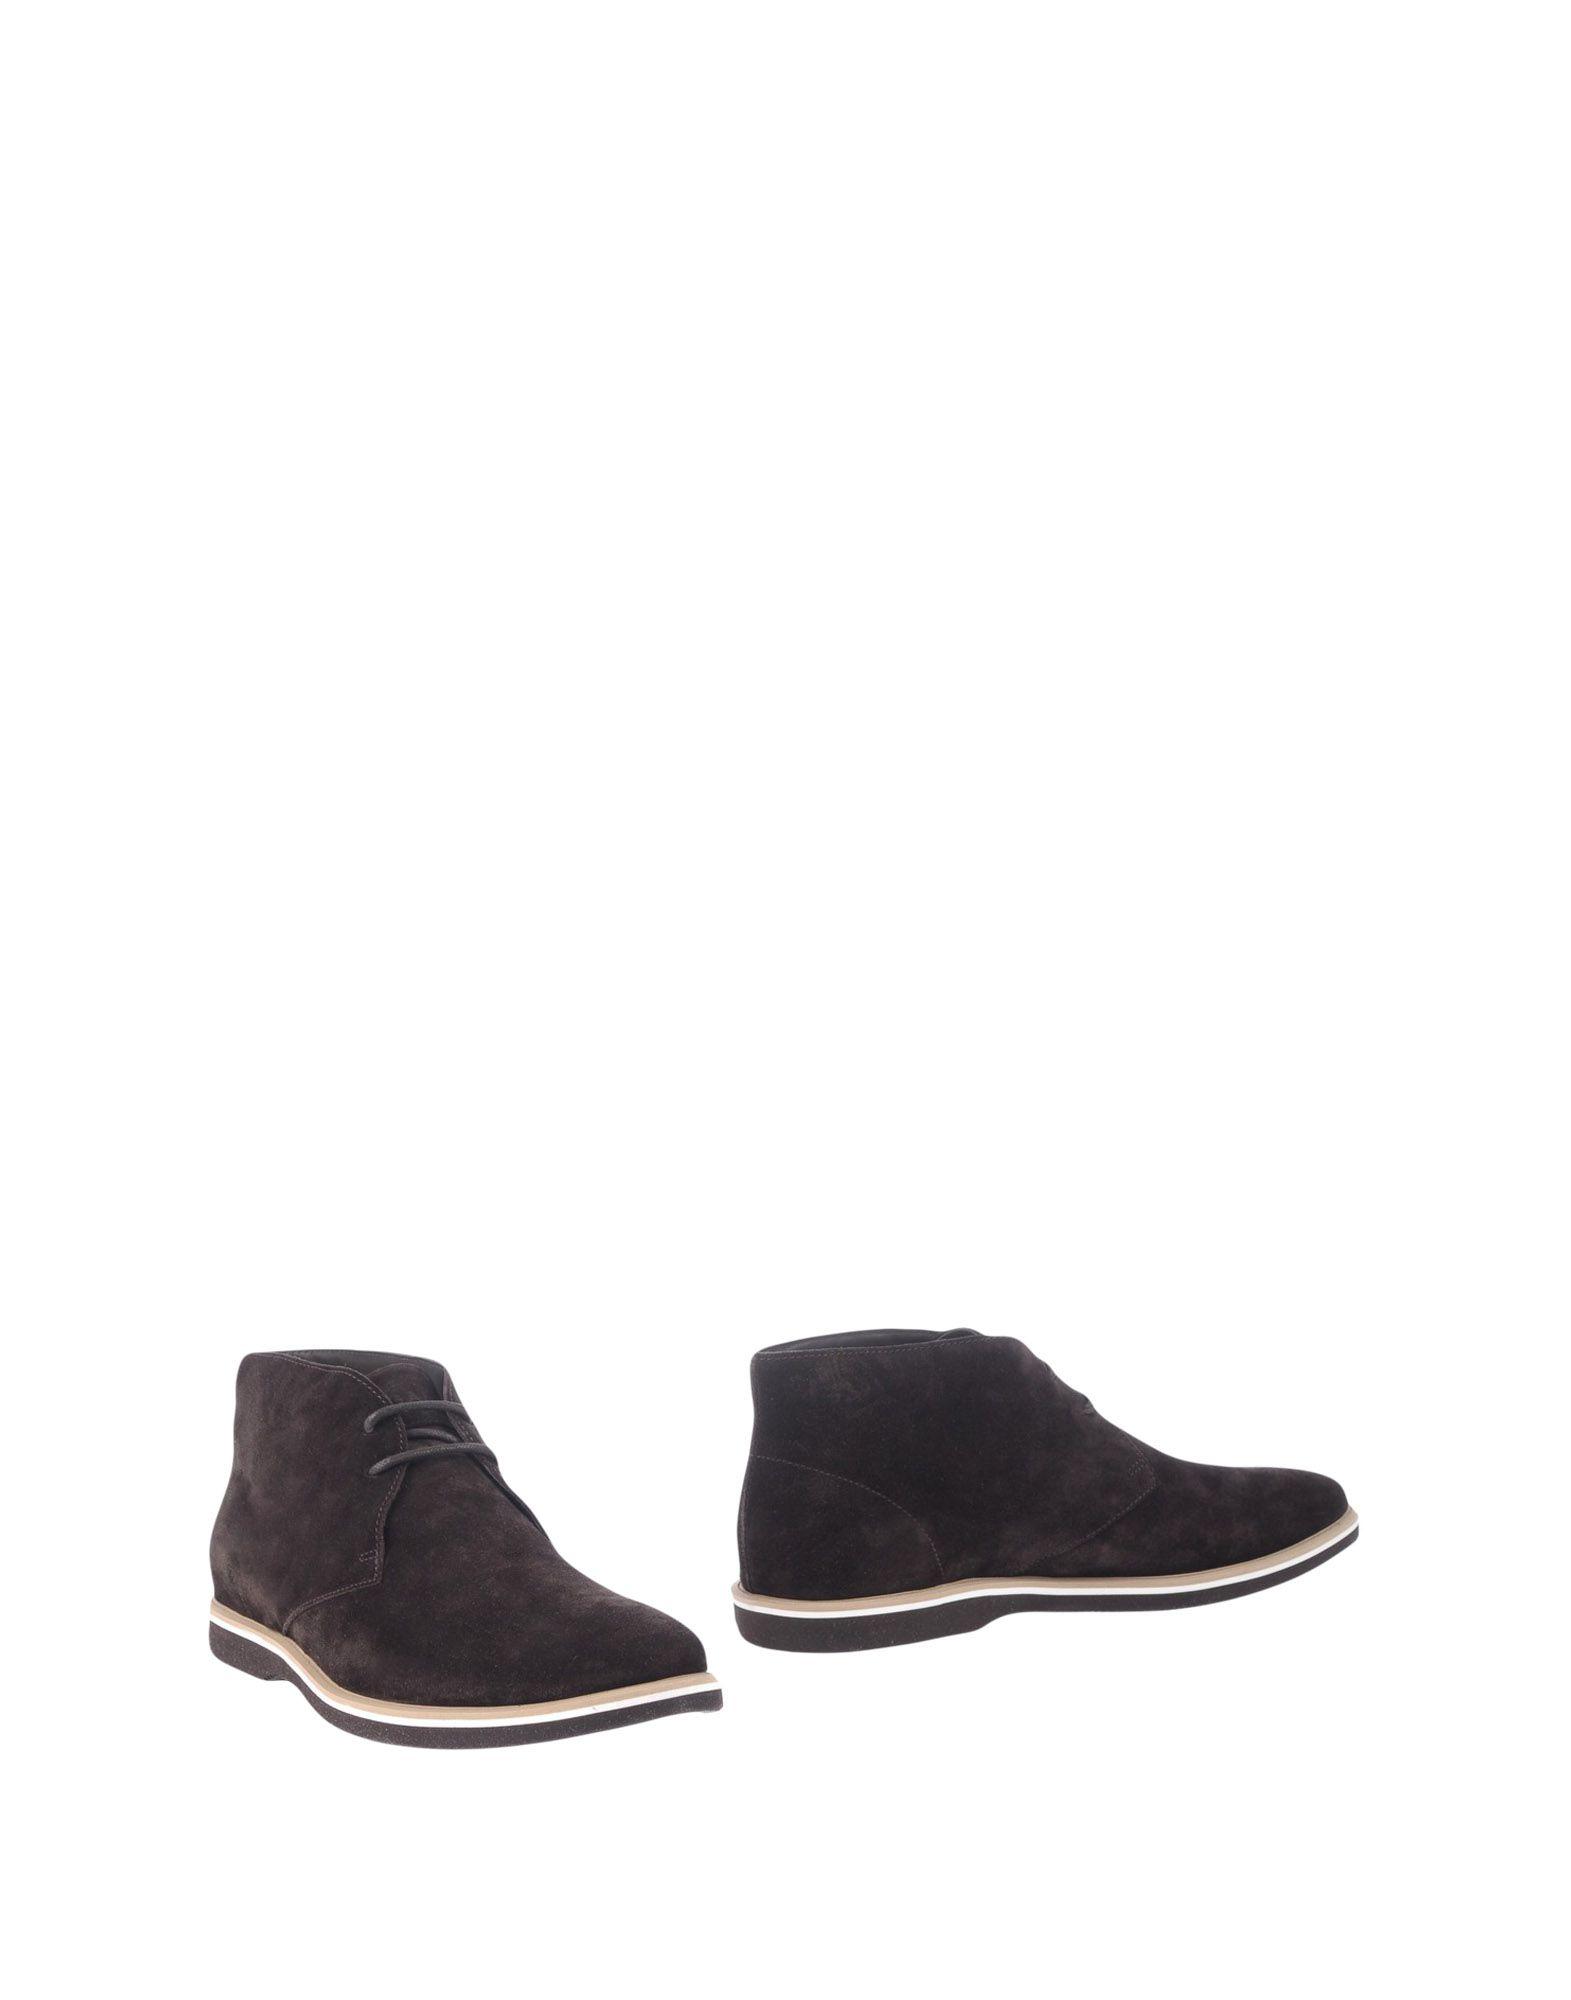 Hogan Stiefelette Herren  11305379QE Gute Qualität beliebte Schuhe